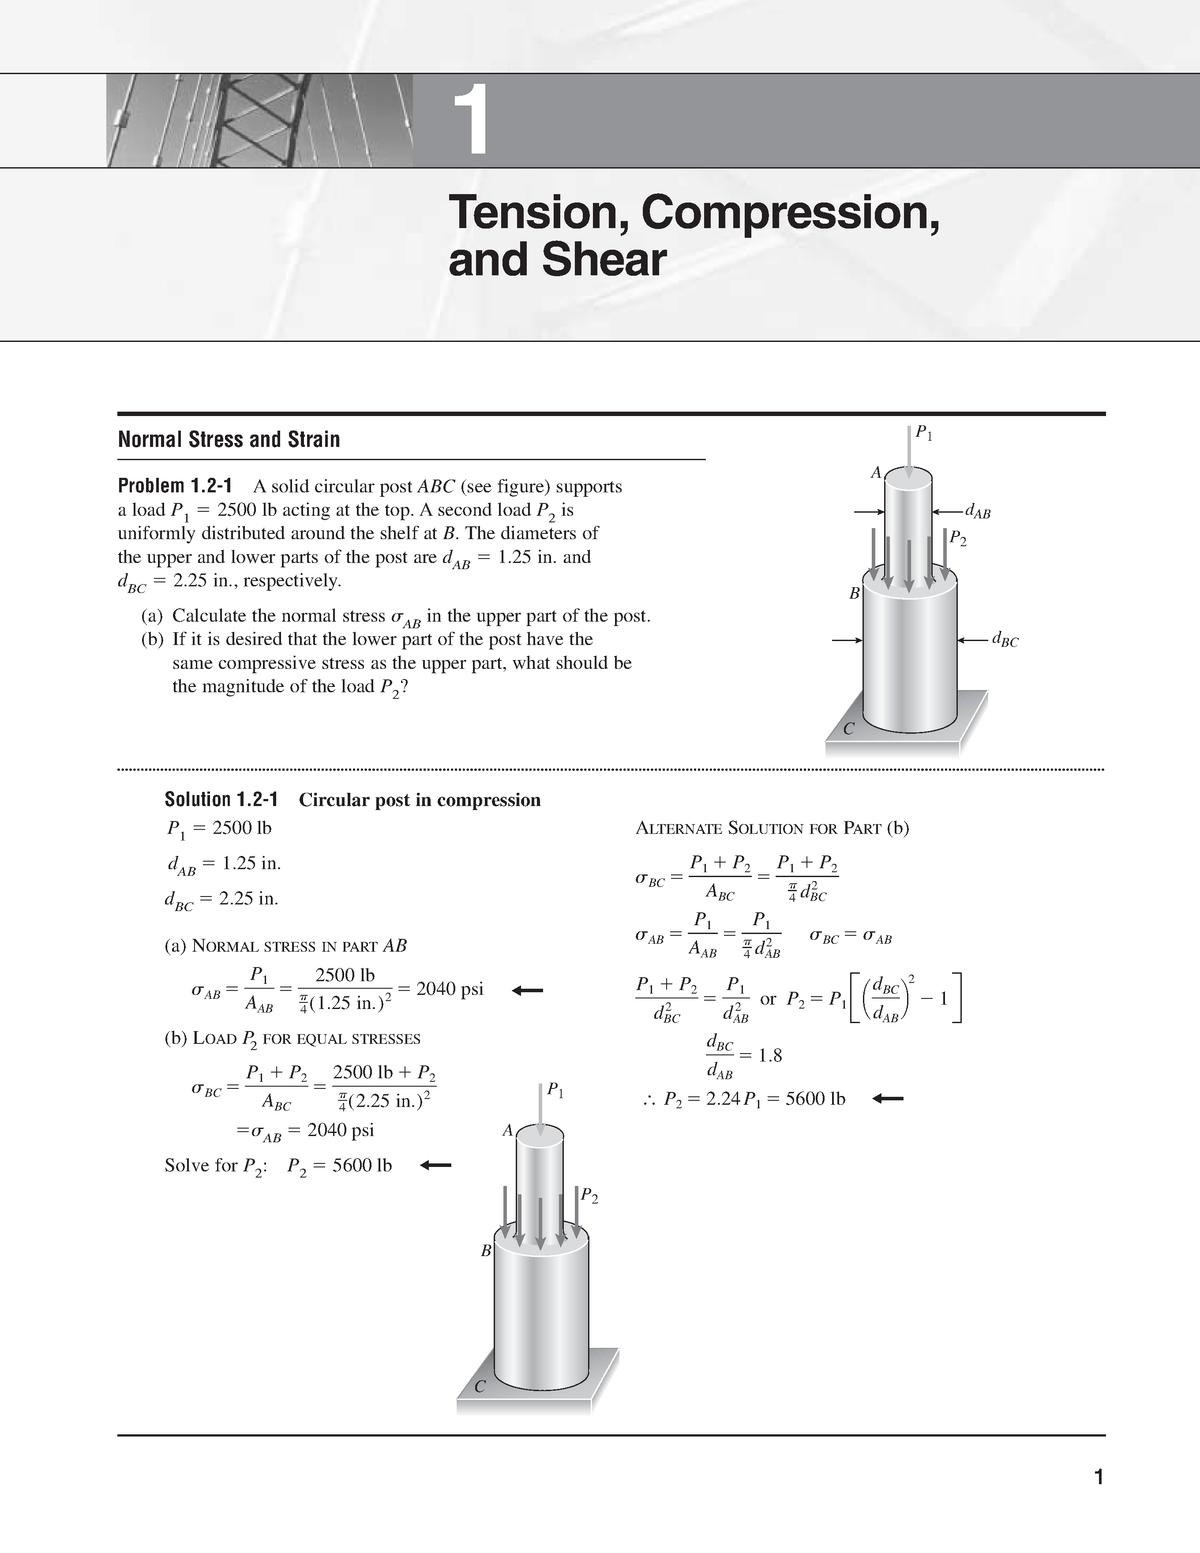 12 gauge manual shear ebook